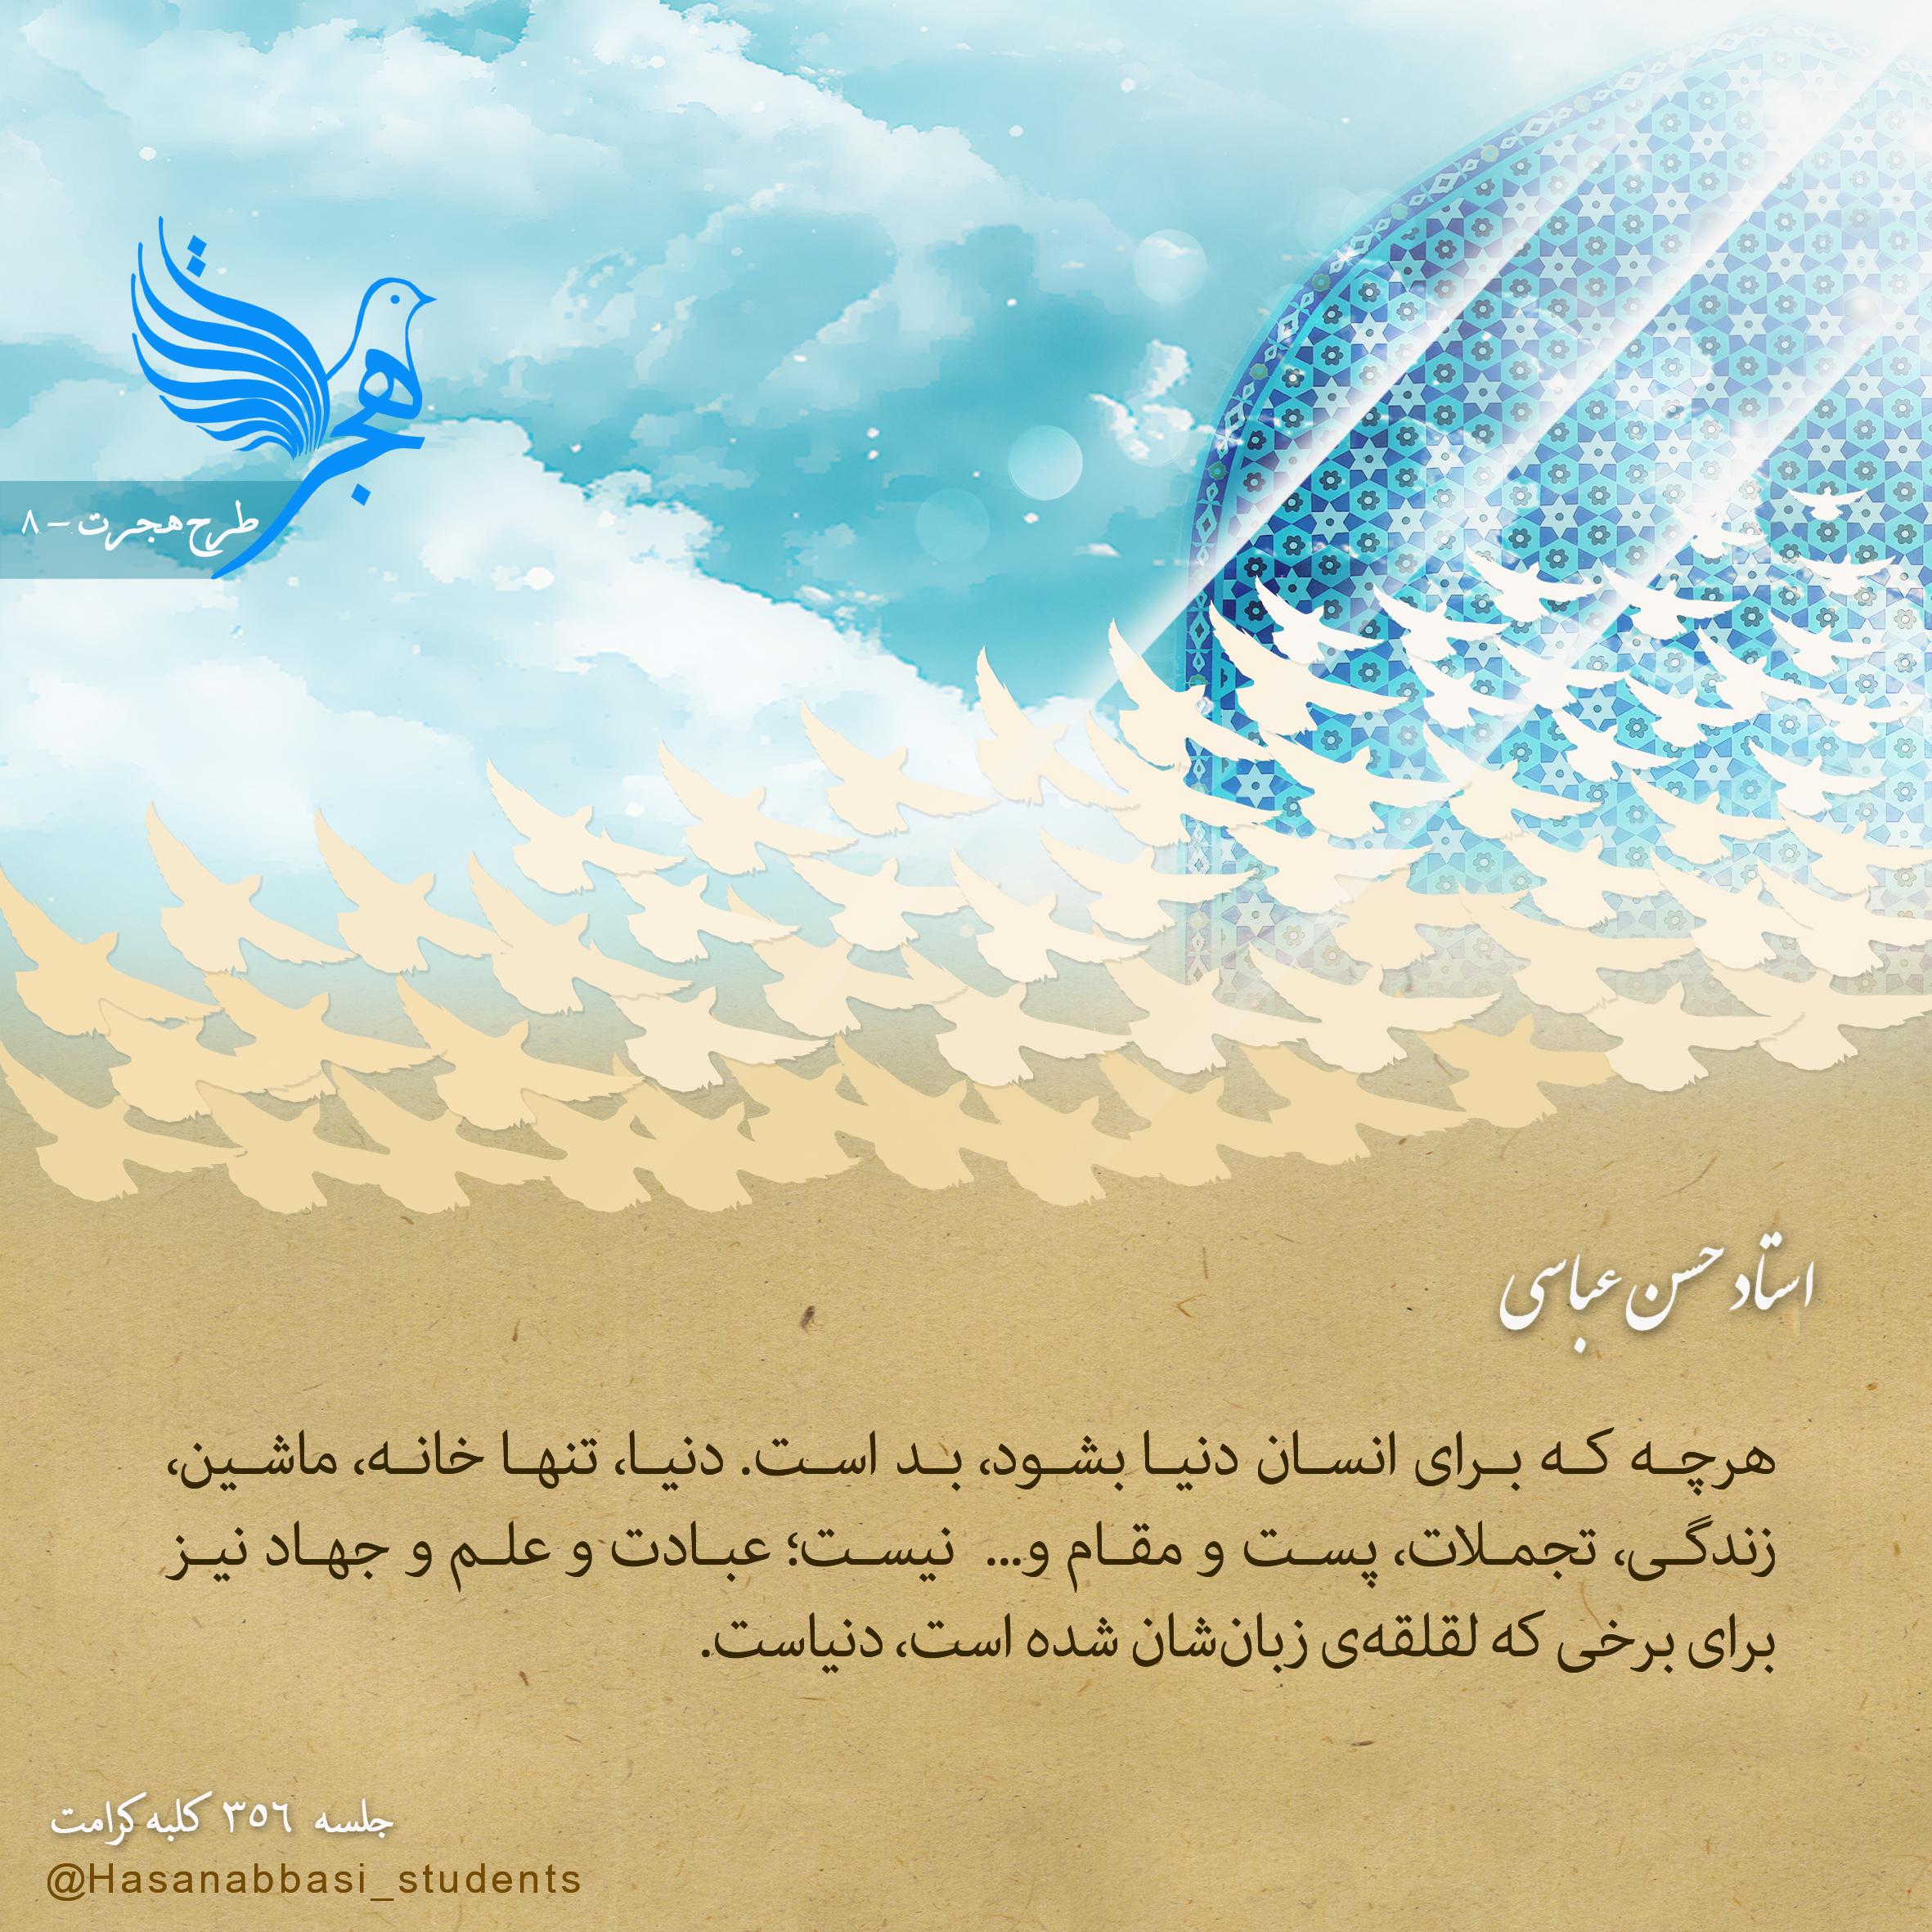 طرح هجرت 8 - « ...وَ الْحافِظُونَ لِحُدُودِ اللَّهِ وَ بَشِّرِ الْمُؤْمِنینَ »